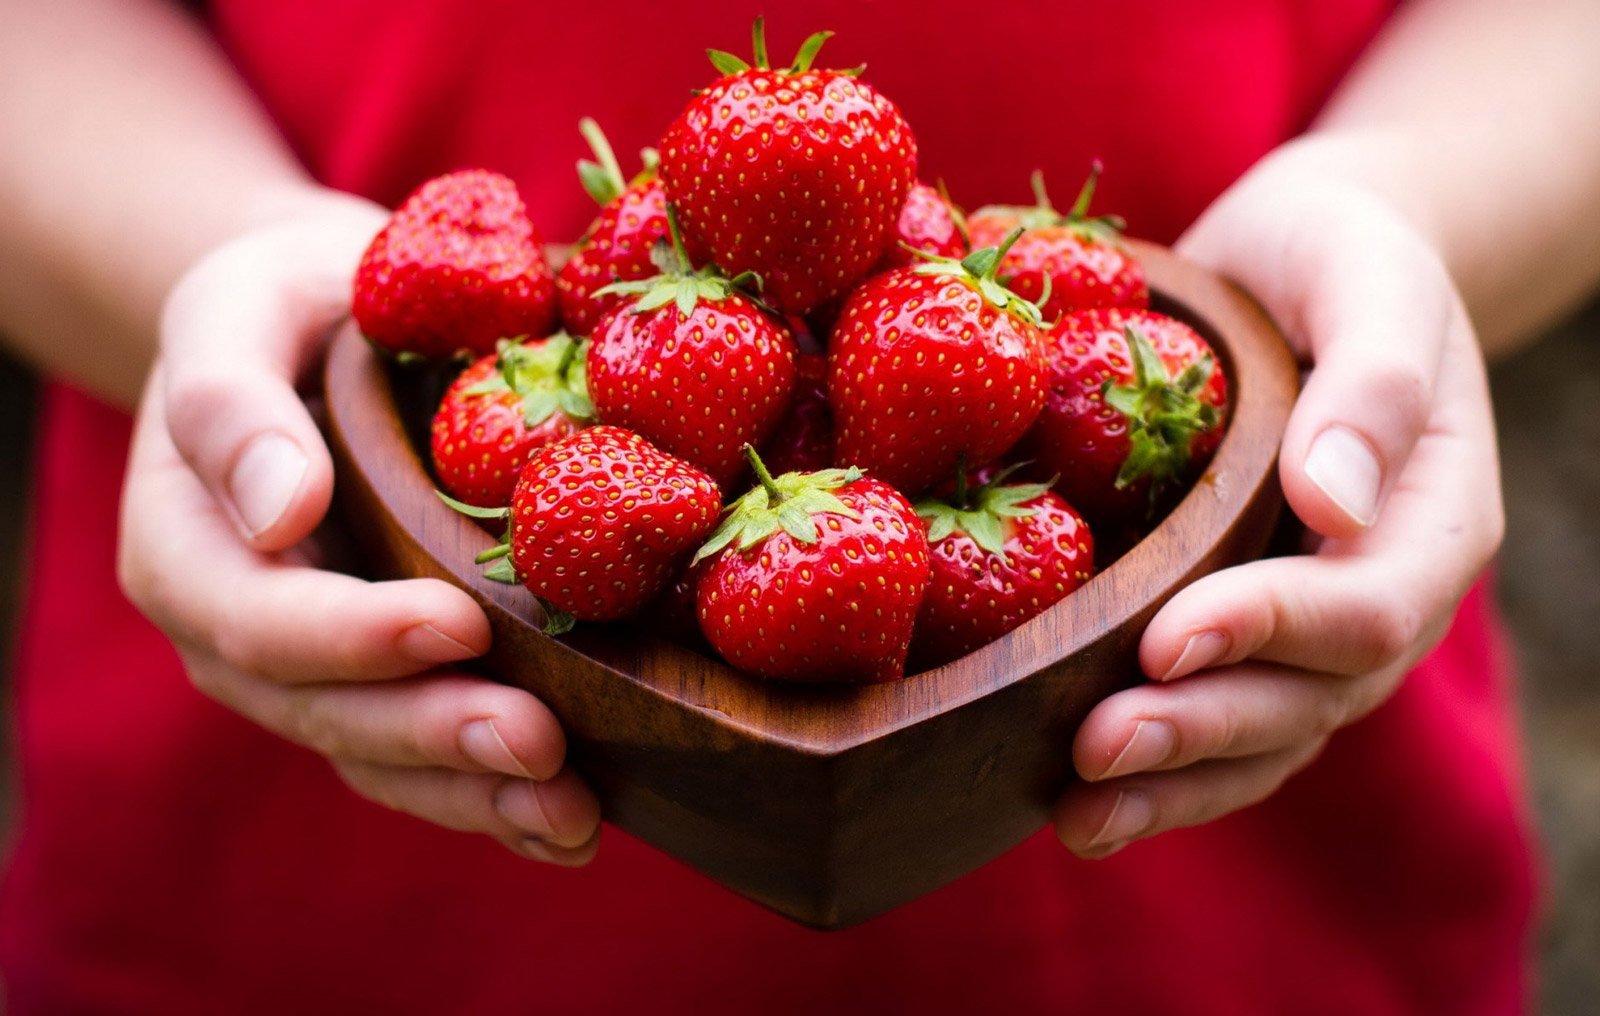 В Україні фальсифікують полуницю: як обрати натуральну ягоду за трьома ознаками